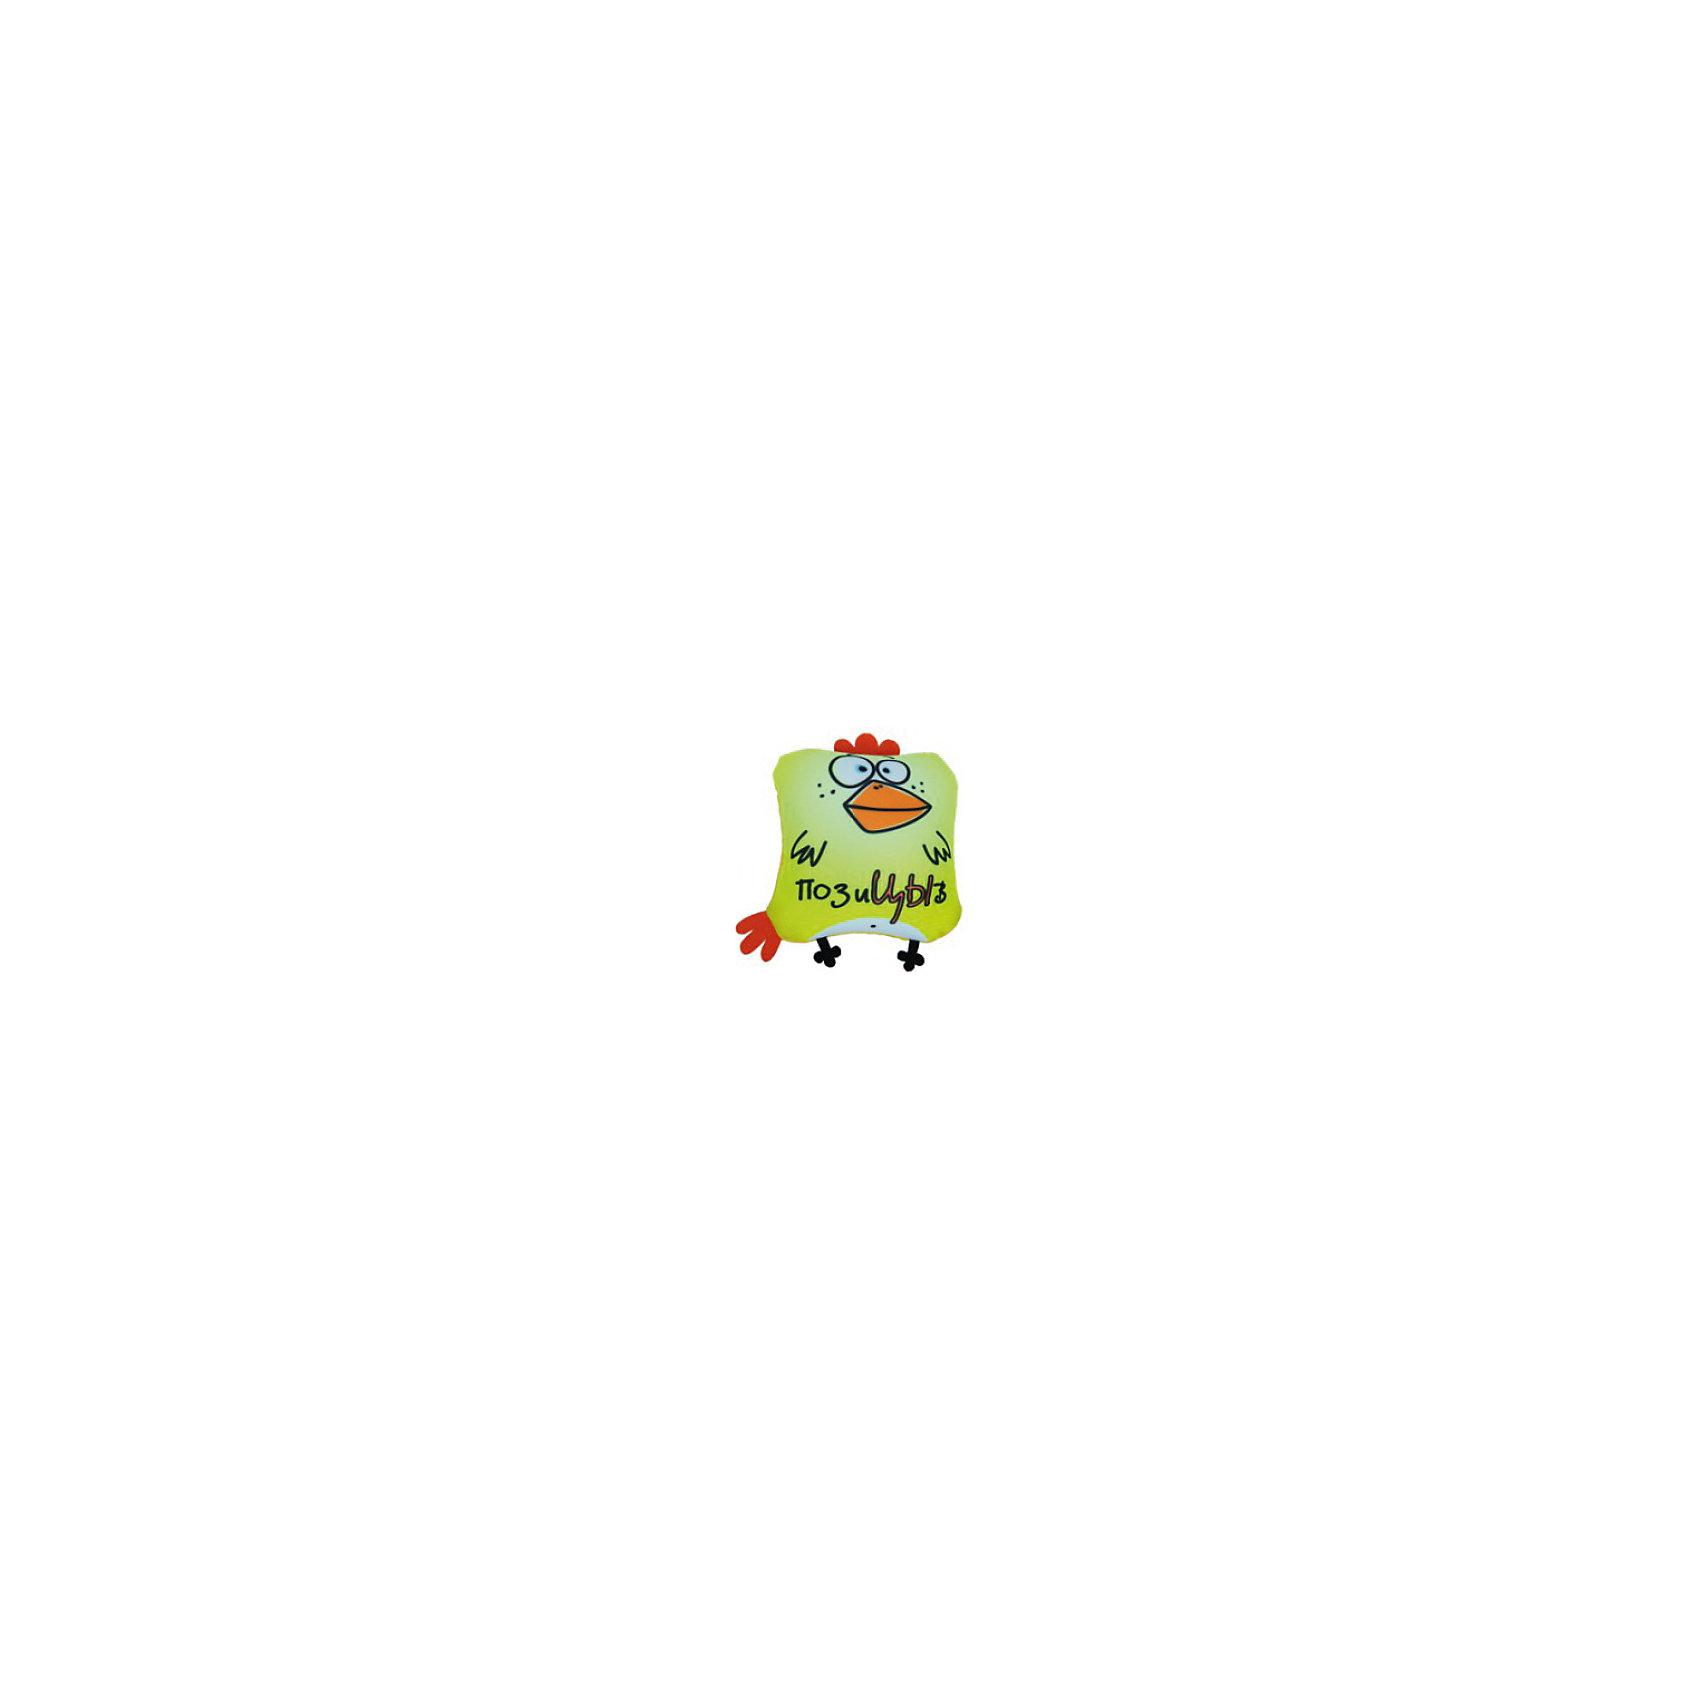 Подушка Петух Позитив, СмолТойс, желтыйДомашний текстиль<br>Эта мягкая игрушка не может не вызывать улыбку! Думаете, что подарить на Новый год или другой праздник? Подарите этого мягкого петуха! Символ 2017 года выглядит очень симпатично. Такая игрушка понравится и детям и взрослым!<br>Игрушка приятная на ощупь. Внутри предмет заполнен мягким наполнителем. Петух может стать украшением интерьера, так как похож на подушку. Произведена игрушка из качественных и безопасных для здоровья детей материалов.<br><br>Дополнительная информация:<br><br>цвет: разноцветный;<br>материал: текстиль, синтепон;<br>высота: 15 см.<br><br>Подушку Петух Позитив можно купить в нашем магазине.<br><br>Ширина мм: 6<br>Глубина мм: 13<br>Высота мм: 13<br>Вес г: 30<br>Возраст от месяцев: 36<br>Возраст до месяцев: 1188<br>Пол: Унисекс<br>Возраст: Детский<br>SKU: 4996606